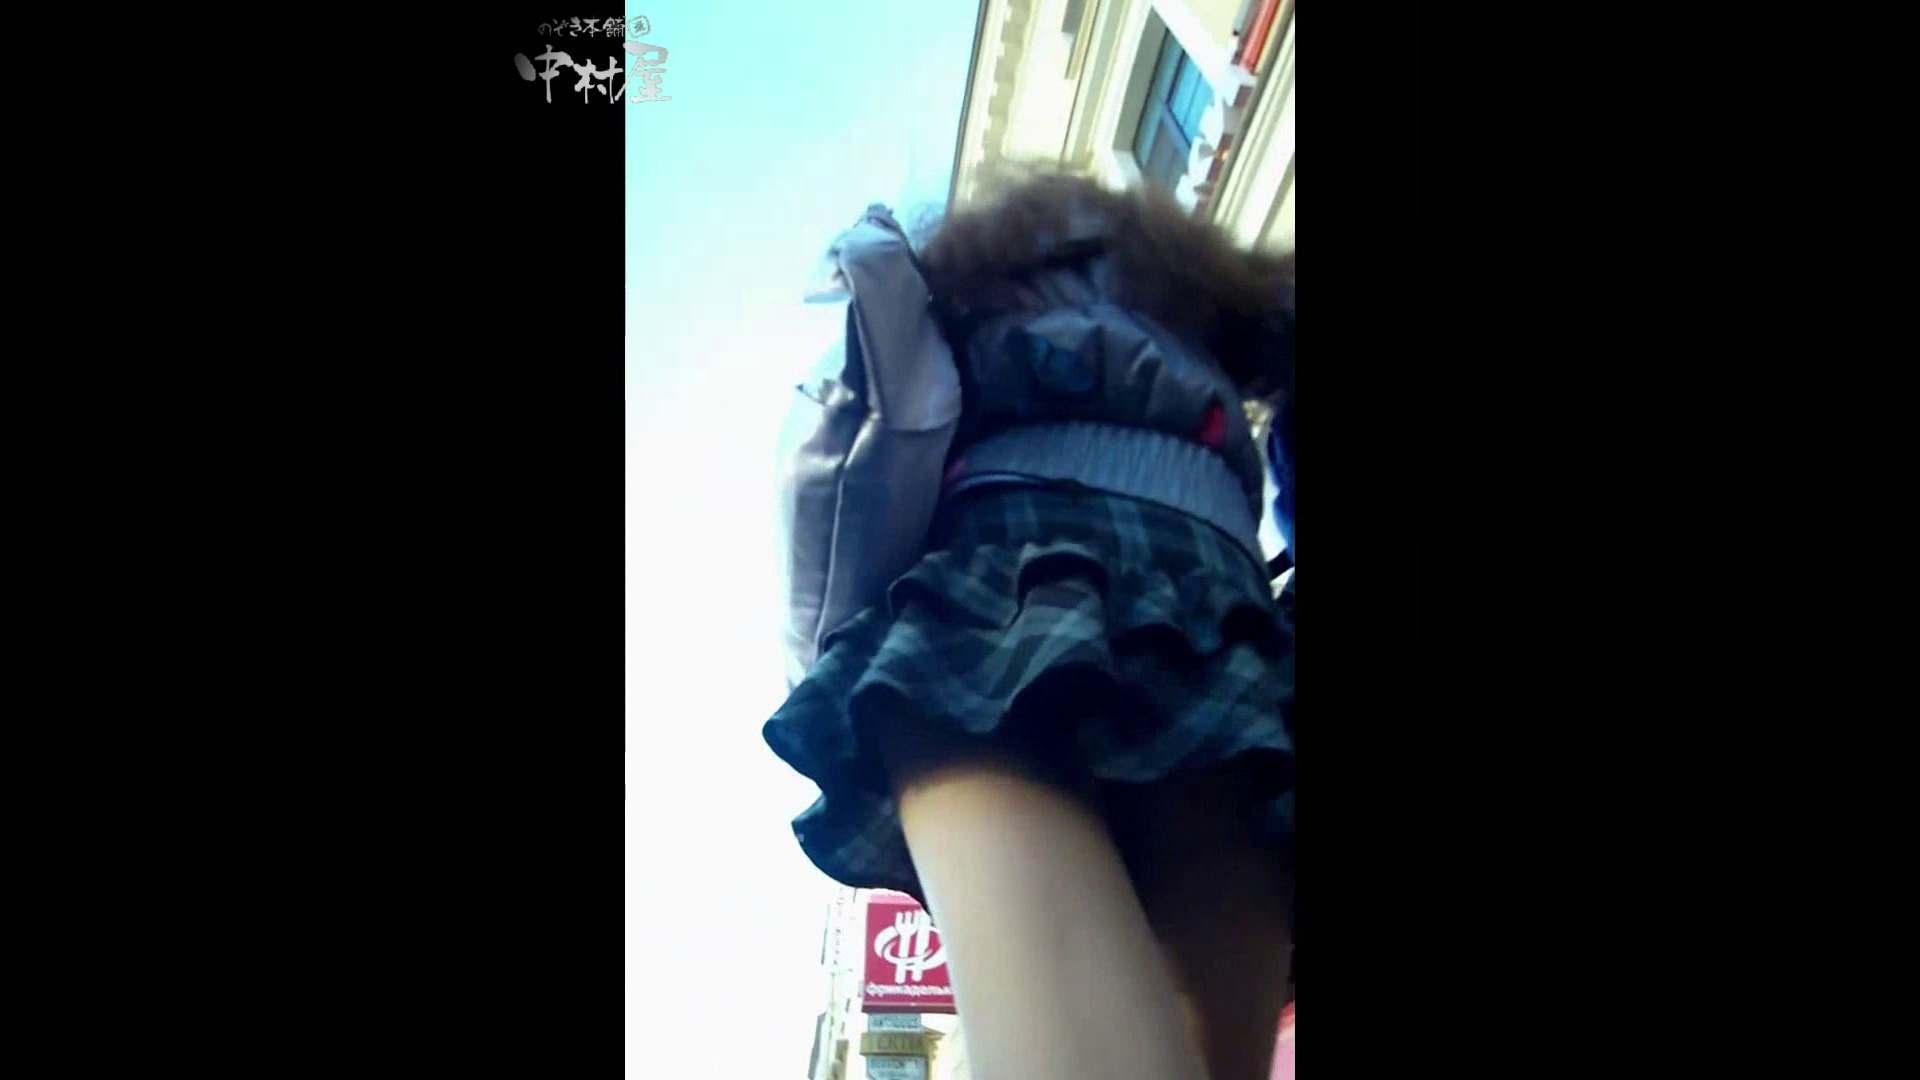 綺麗なモデルさんのスカート捲っちゃおう‼ vol12 モデルヌード   Hなお姉さん  93pic 28